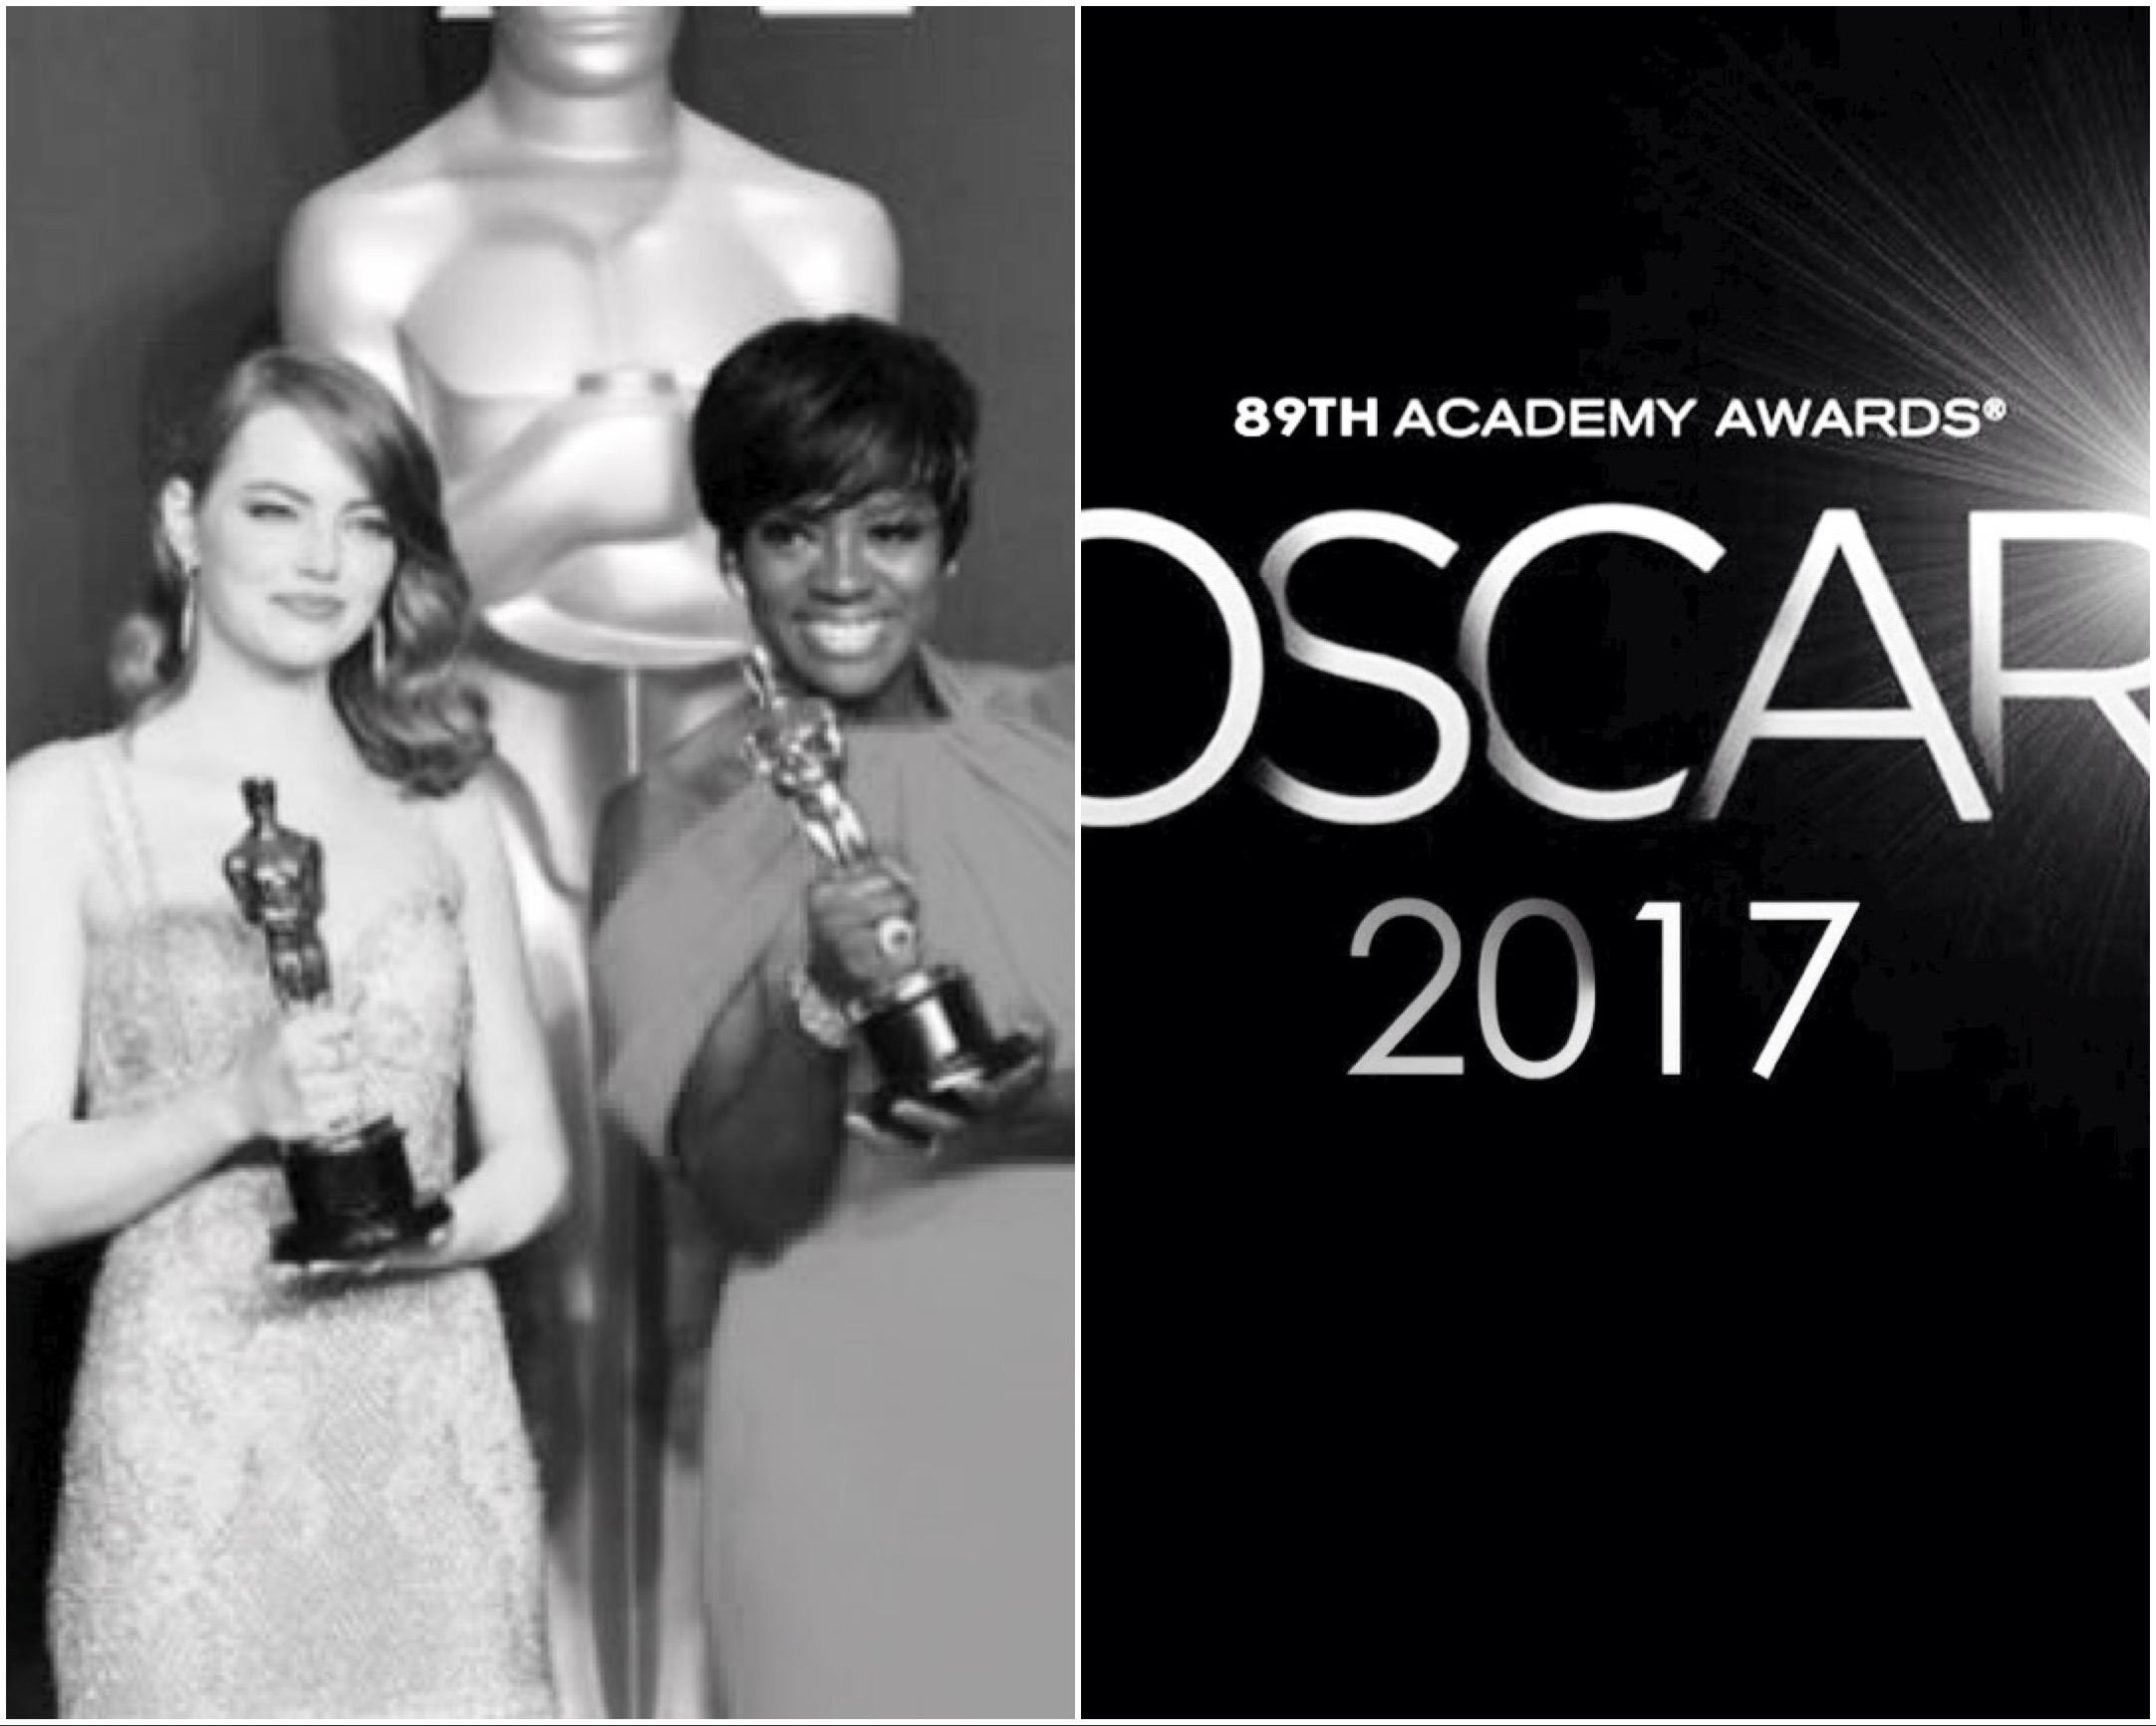 Les Oscars 2017